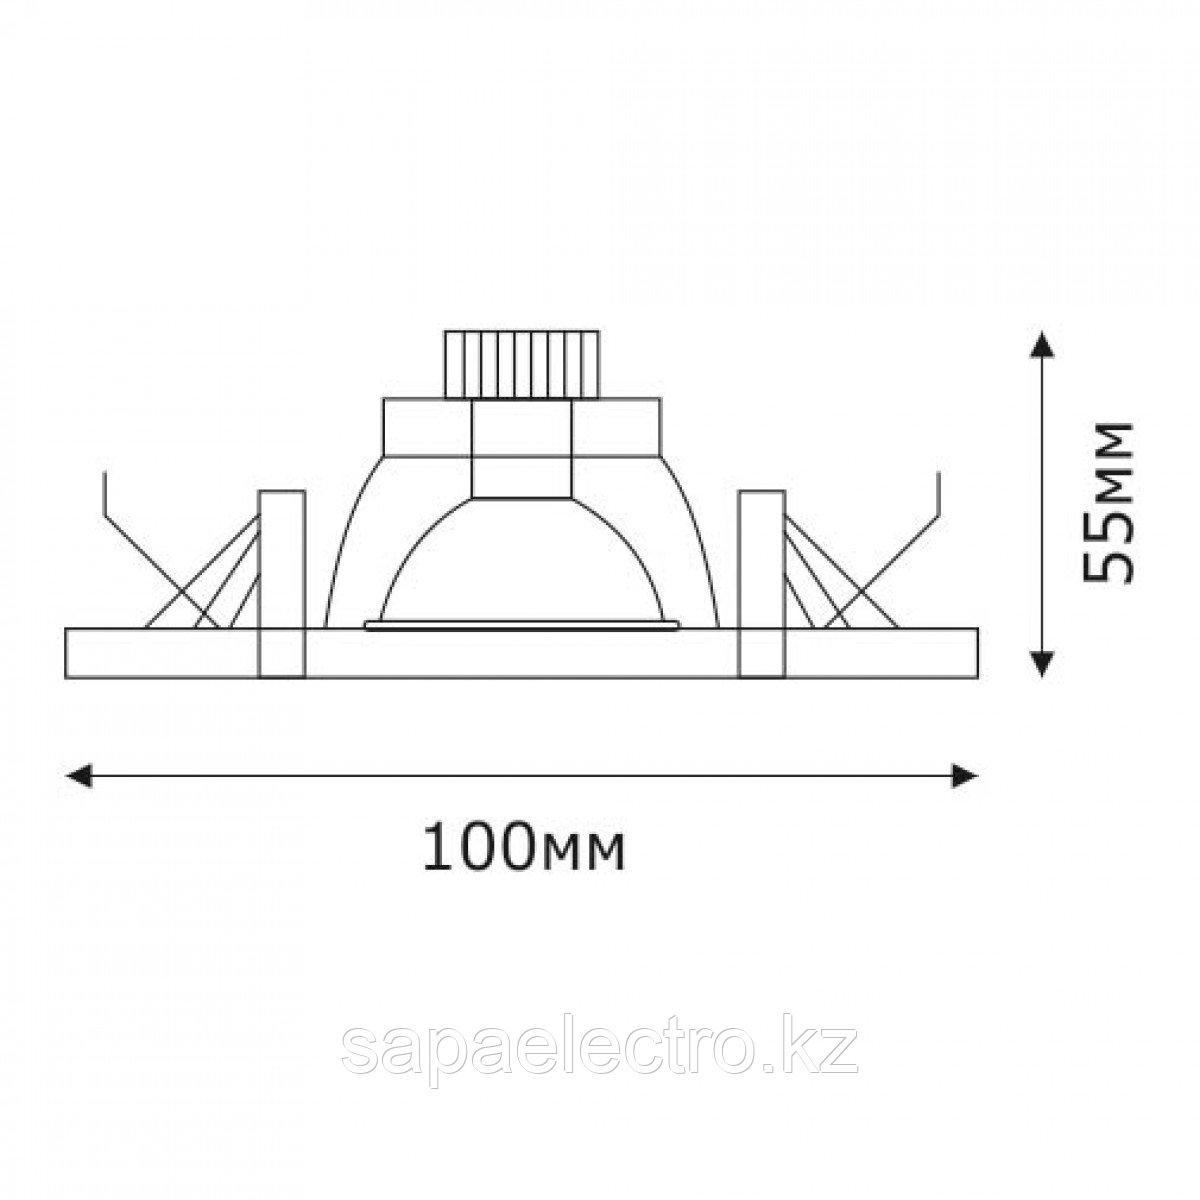 Спот LED TC-03 ROUND 3W 5000K (TS) 60шт